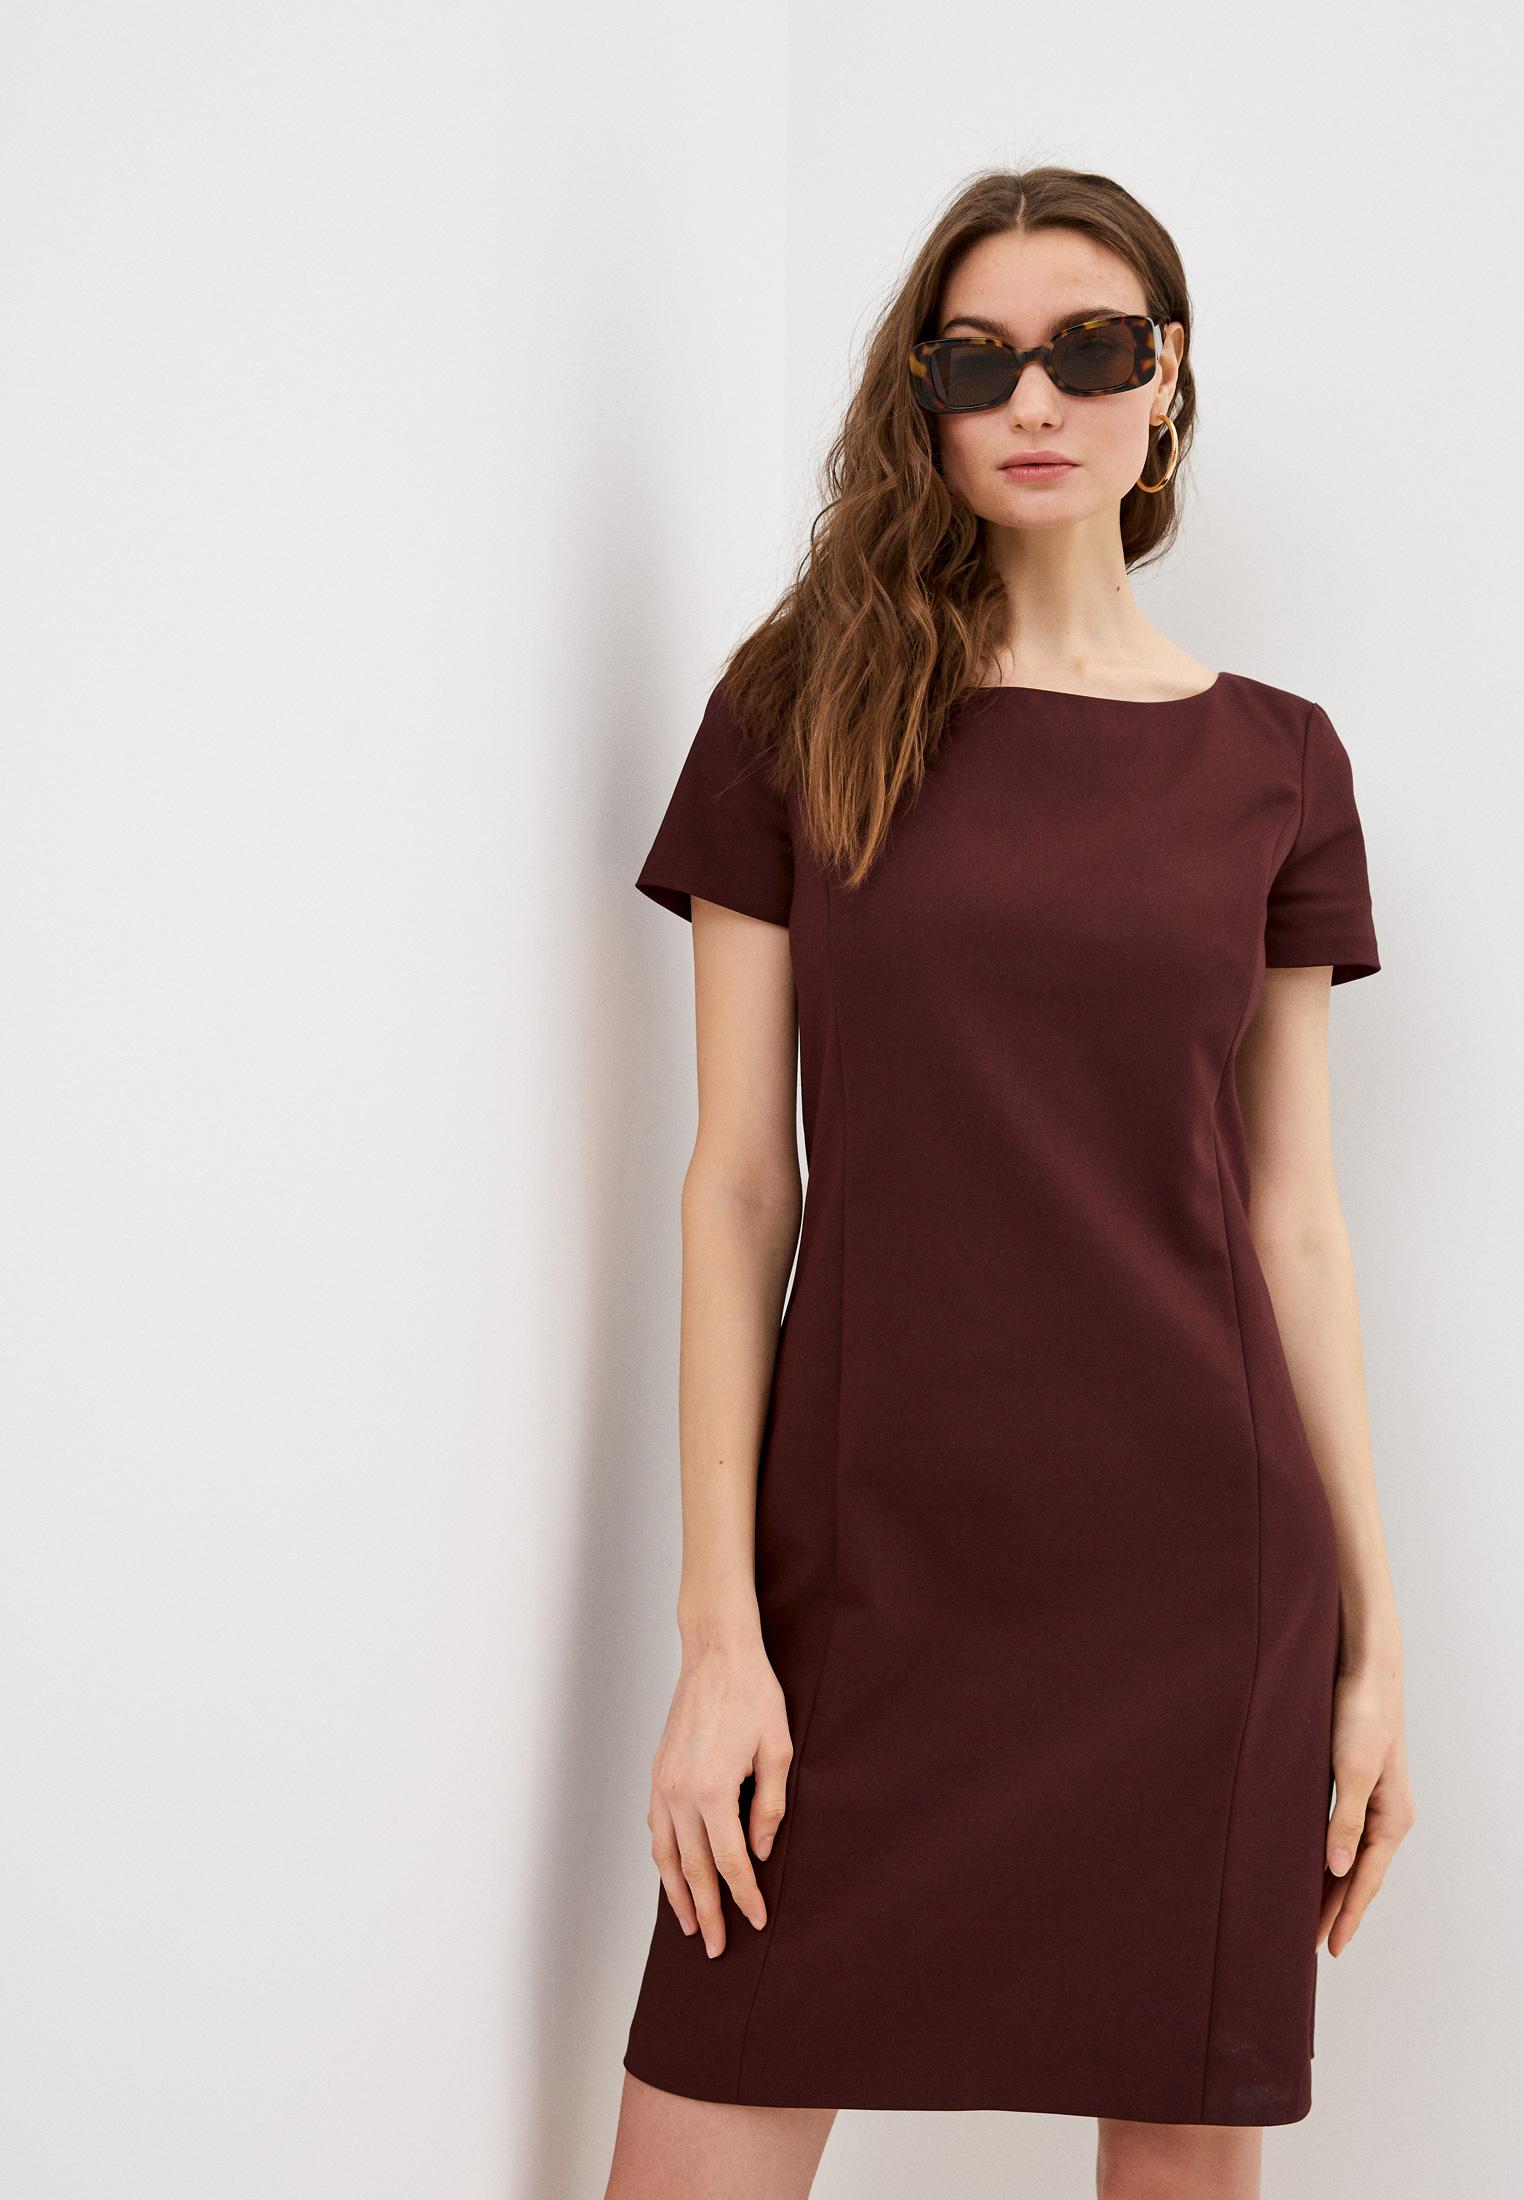 Повседневное платье Patrizia Pepe DAL258 A43 R625